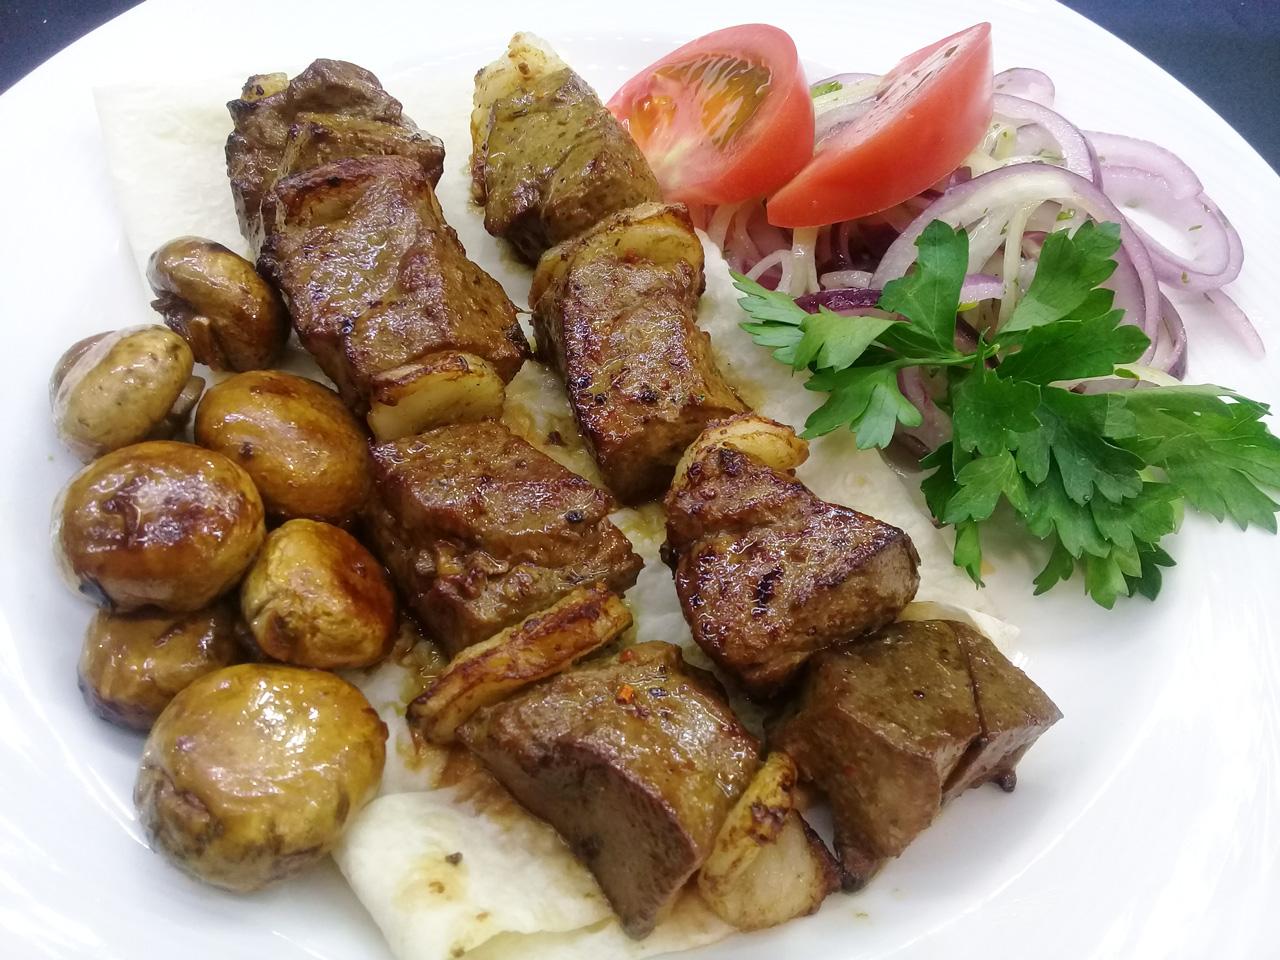 Шашлык из говяжьей печени - в ресторане Аннам Брахма в Оренбурге